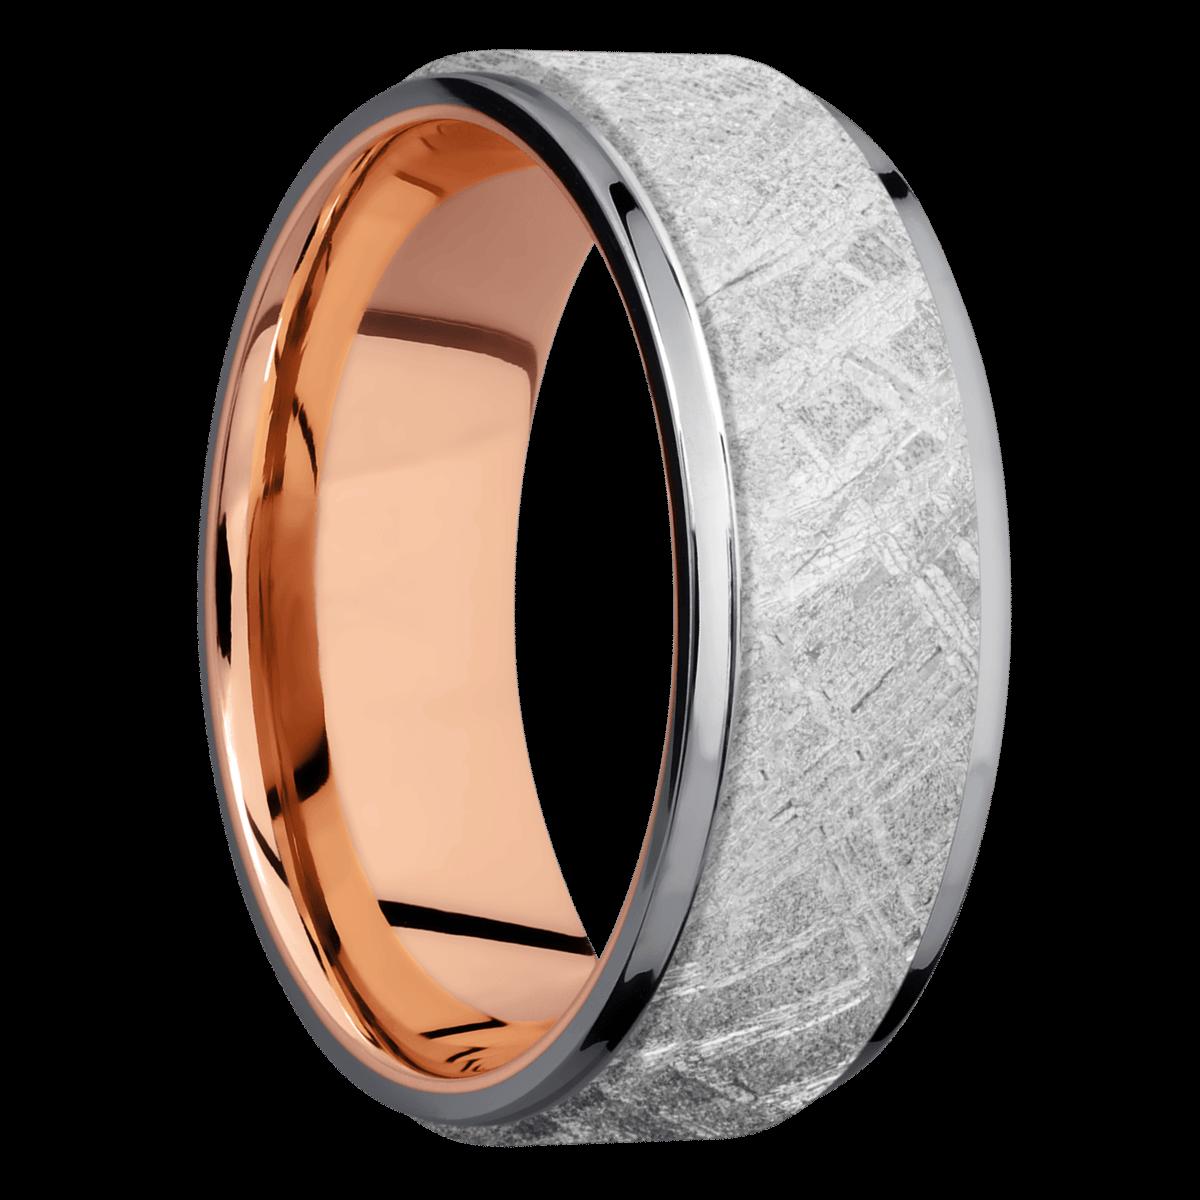 The Rio Ring Care Custom Rings Rings For Men